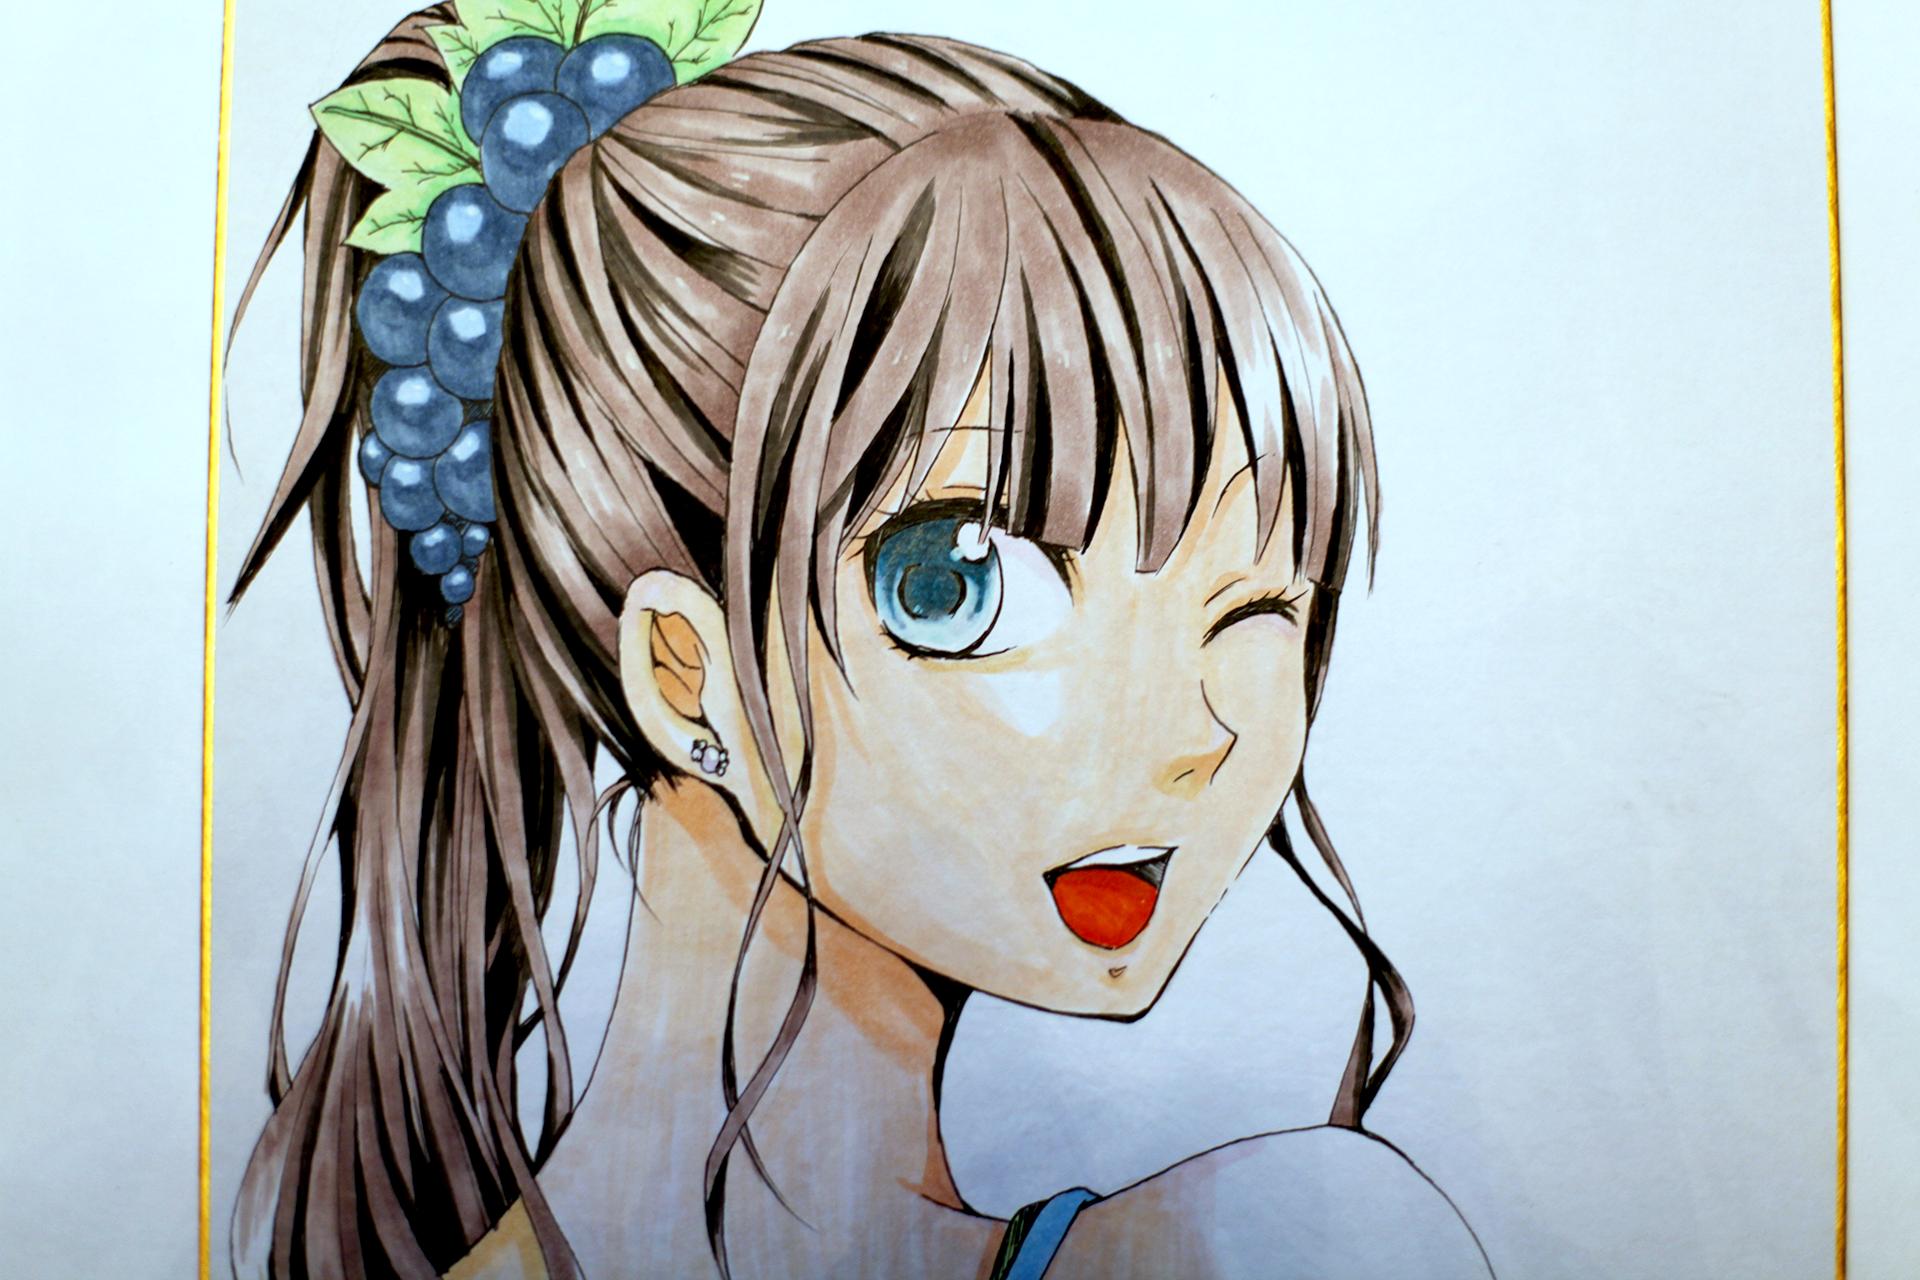 """Рисунок """"Девушка с виноградной заколкой"""""""